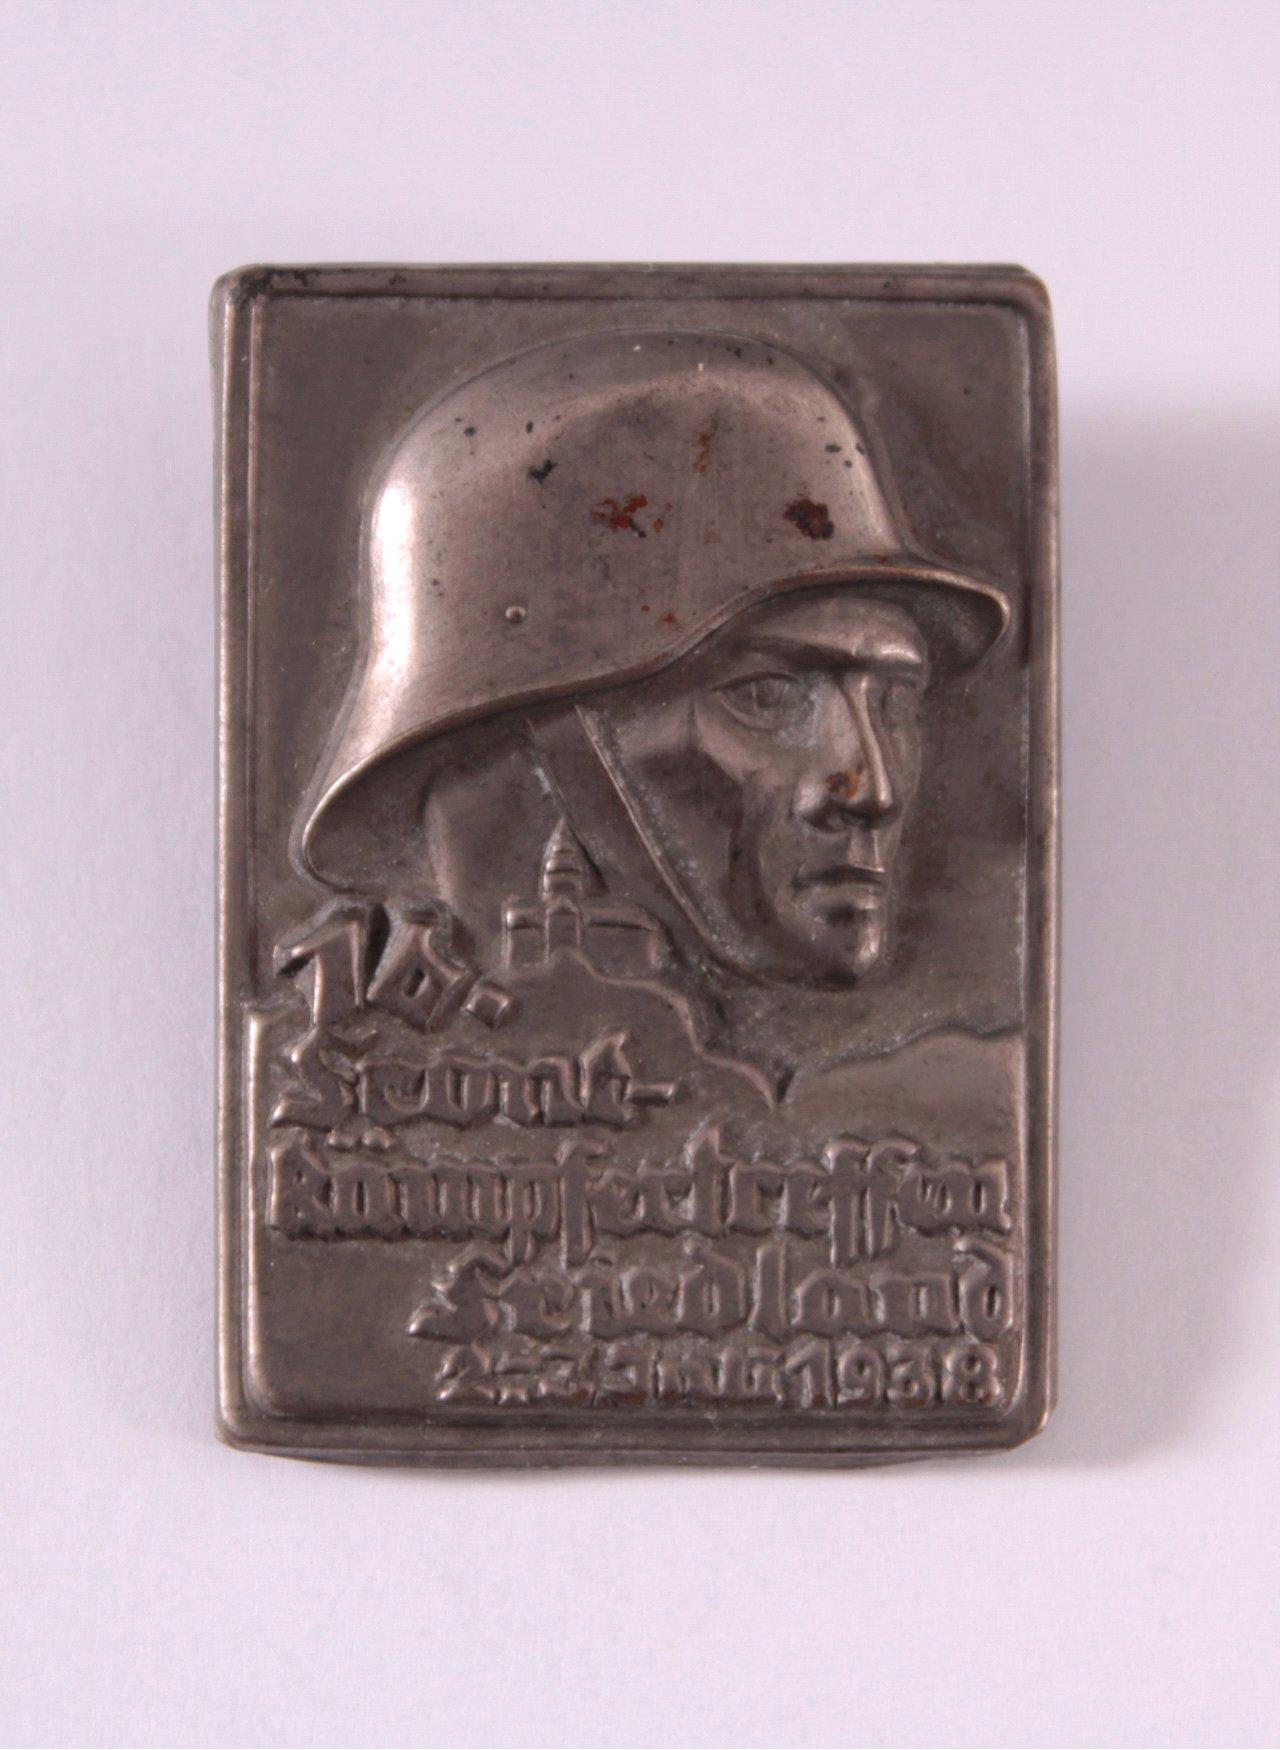 Abzeichen 16. Frontkämpfertreffen Friedland 1938